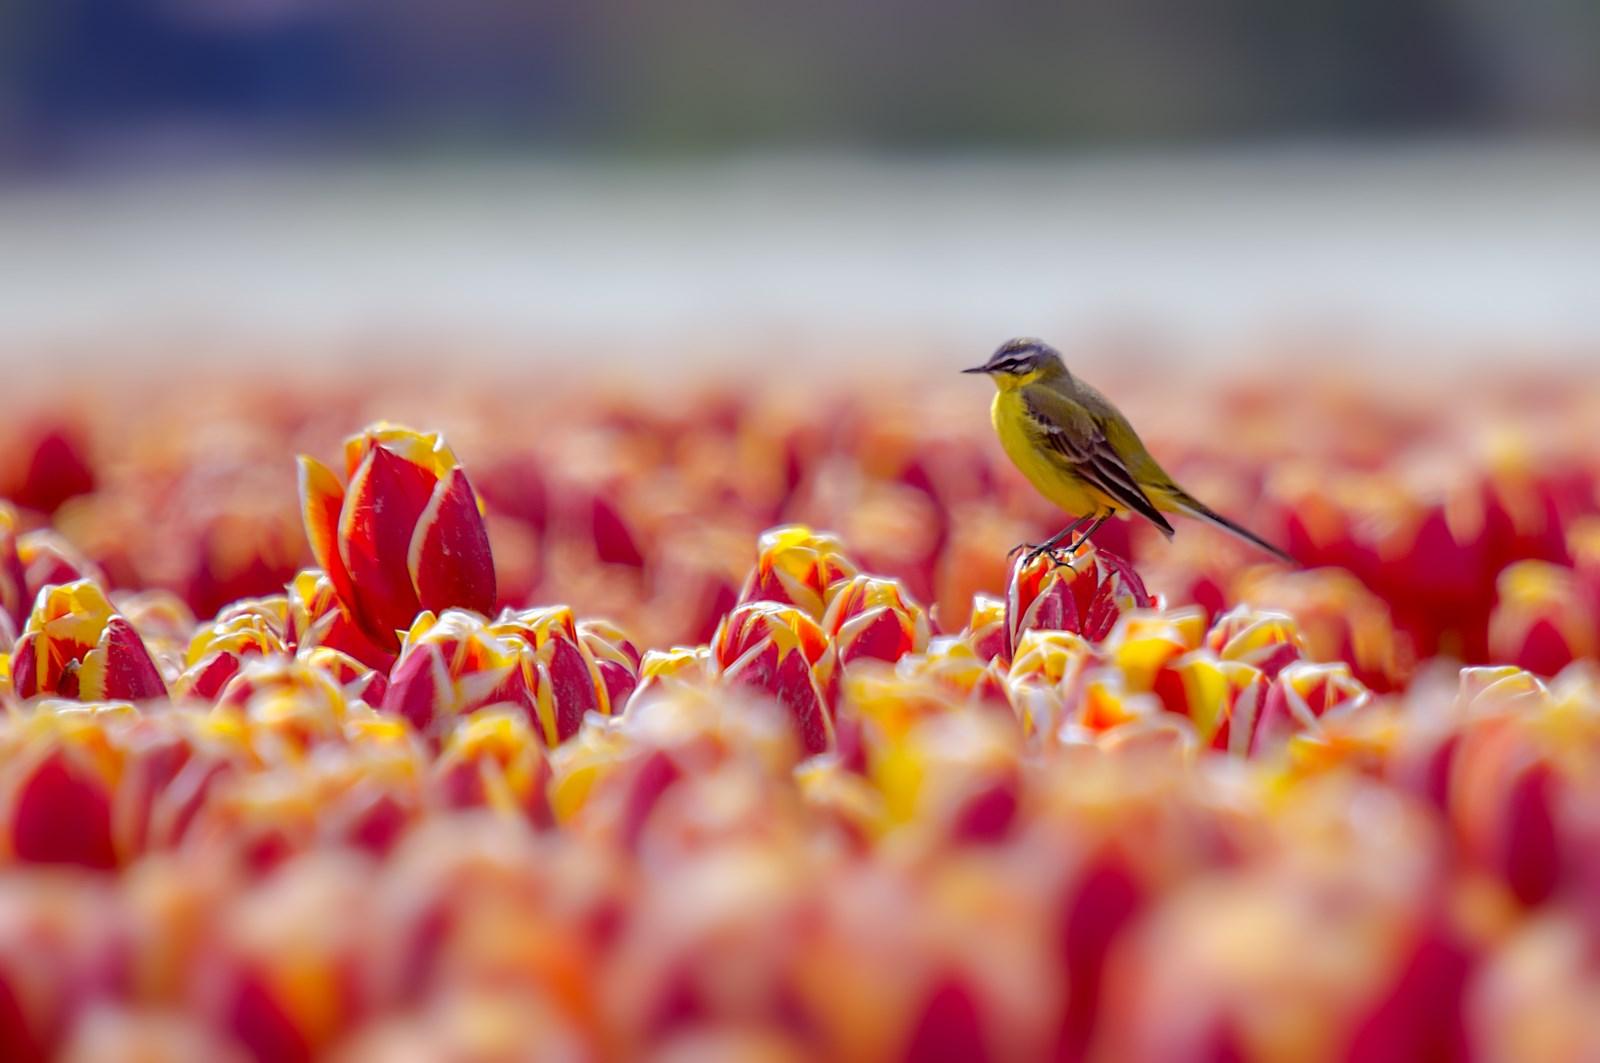 Gele kwikstaart in tulpenbollen (3)